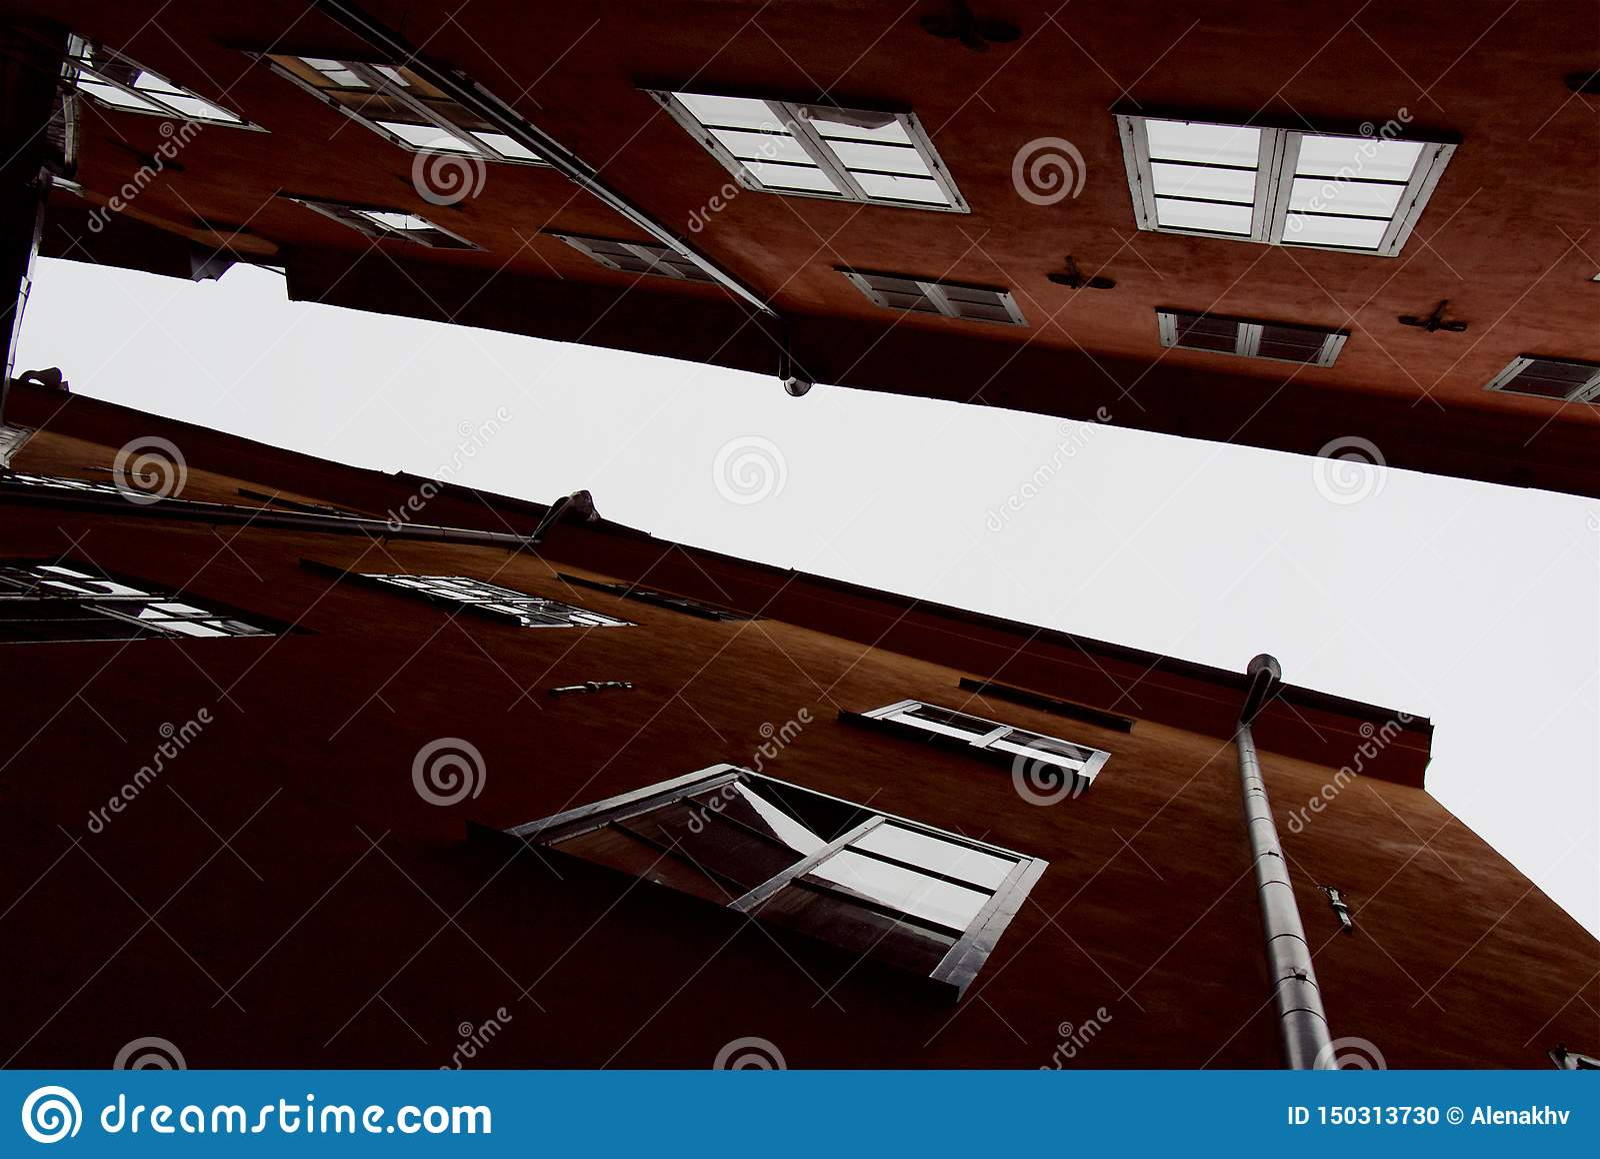 Geometrische lijnen van voorgevels en daken van de oude stadshuizen